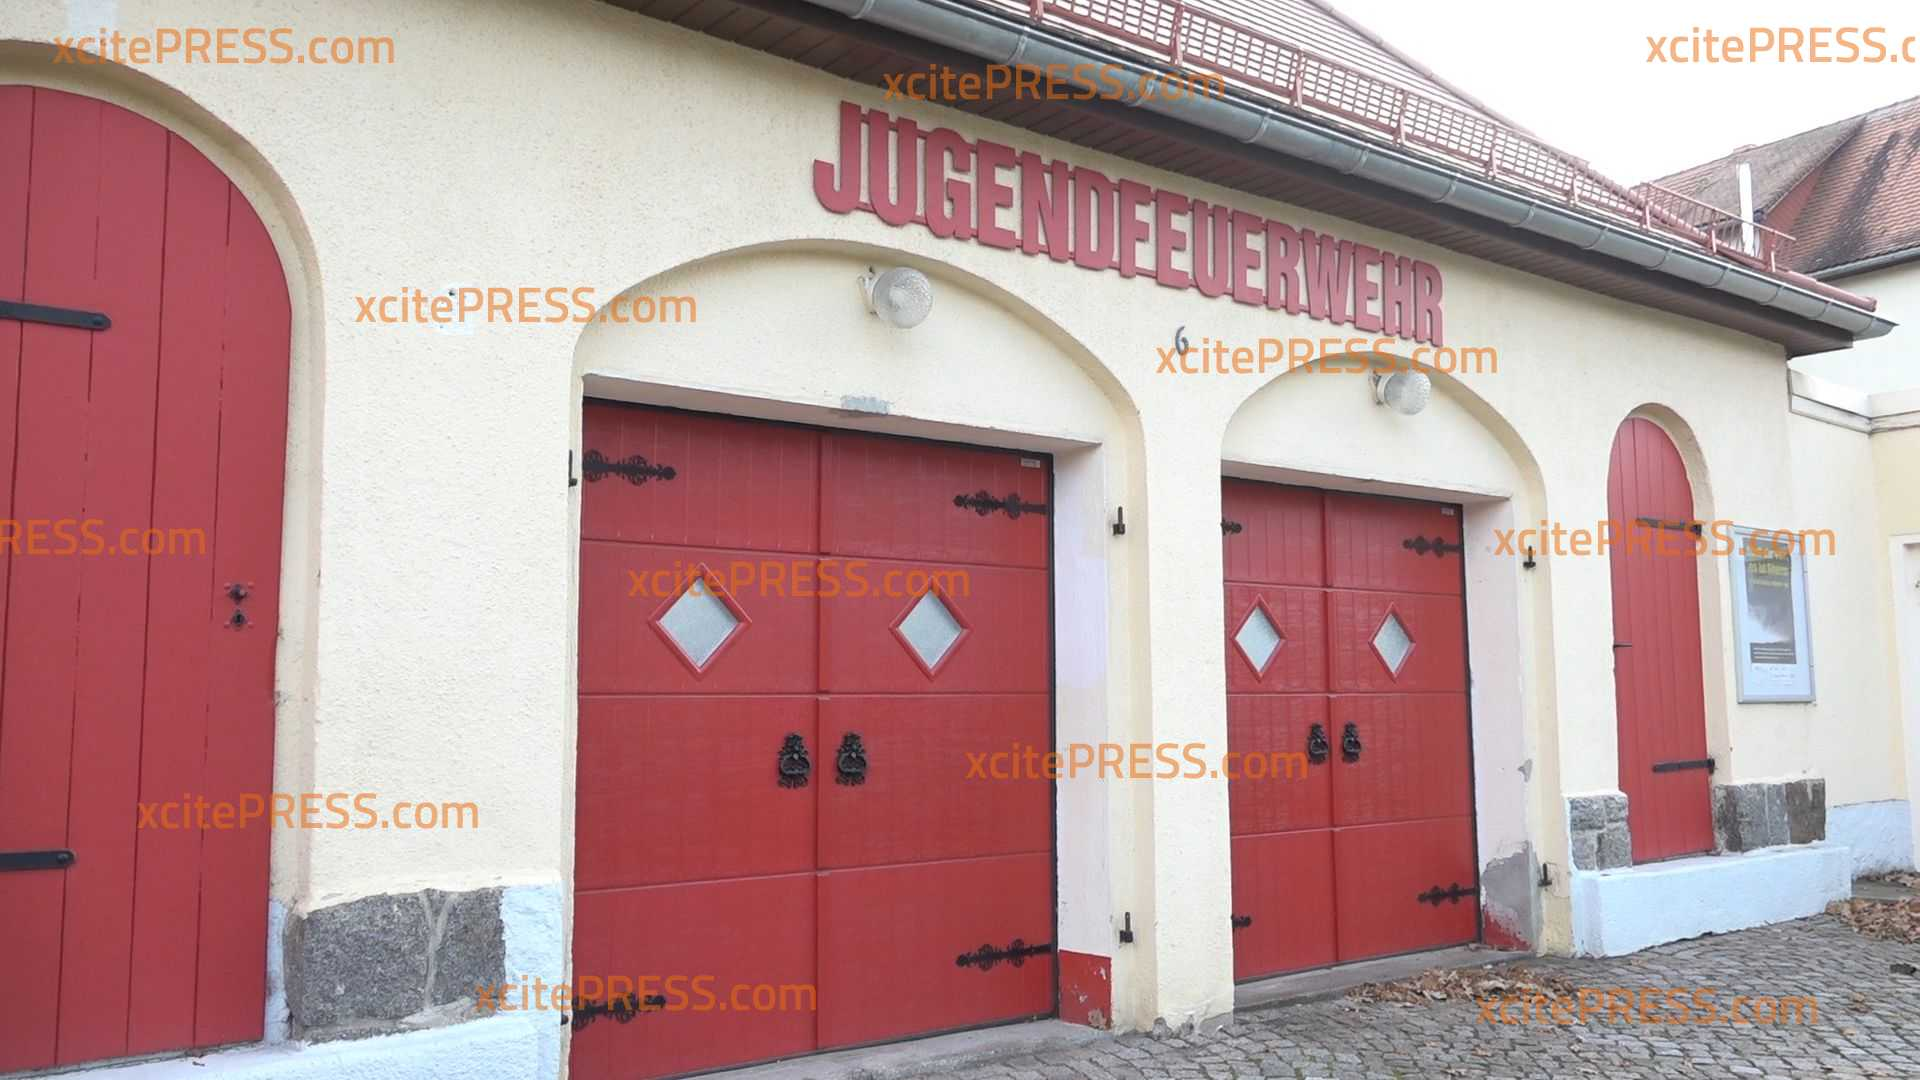 Wie dreist! Einbrecher beklauen die Jugendfeuerwehr: Bürgermeister schätzt mindestens 4.000 Euro Schaden!